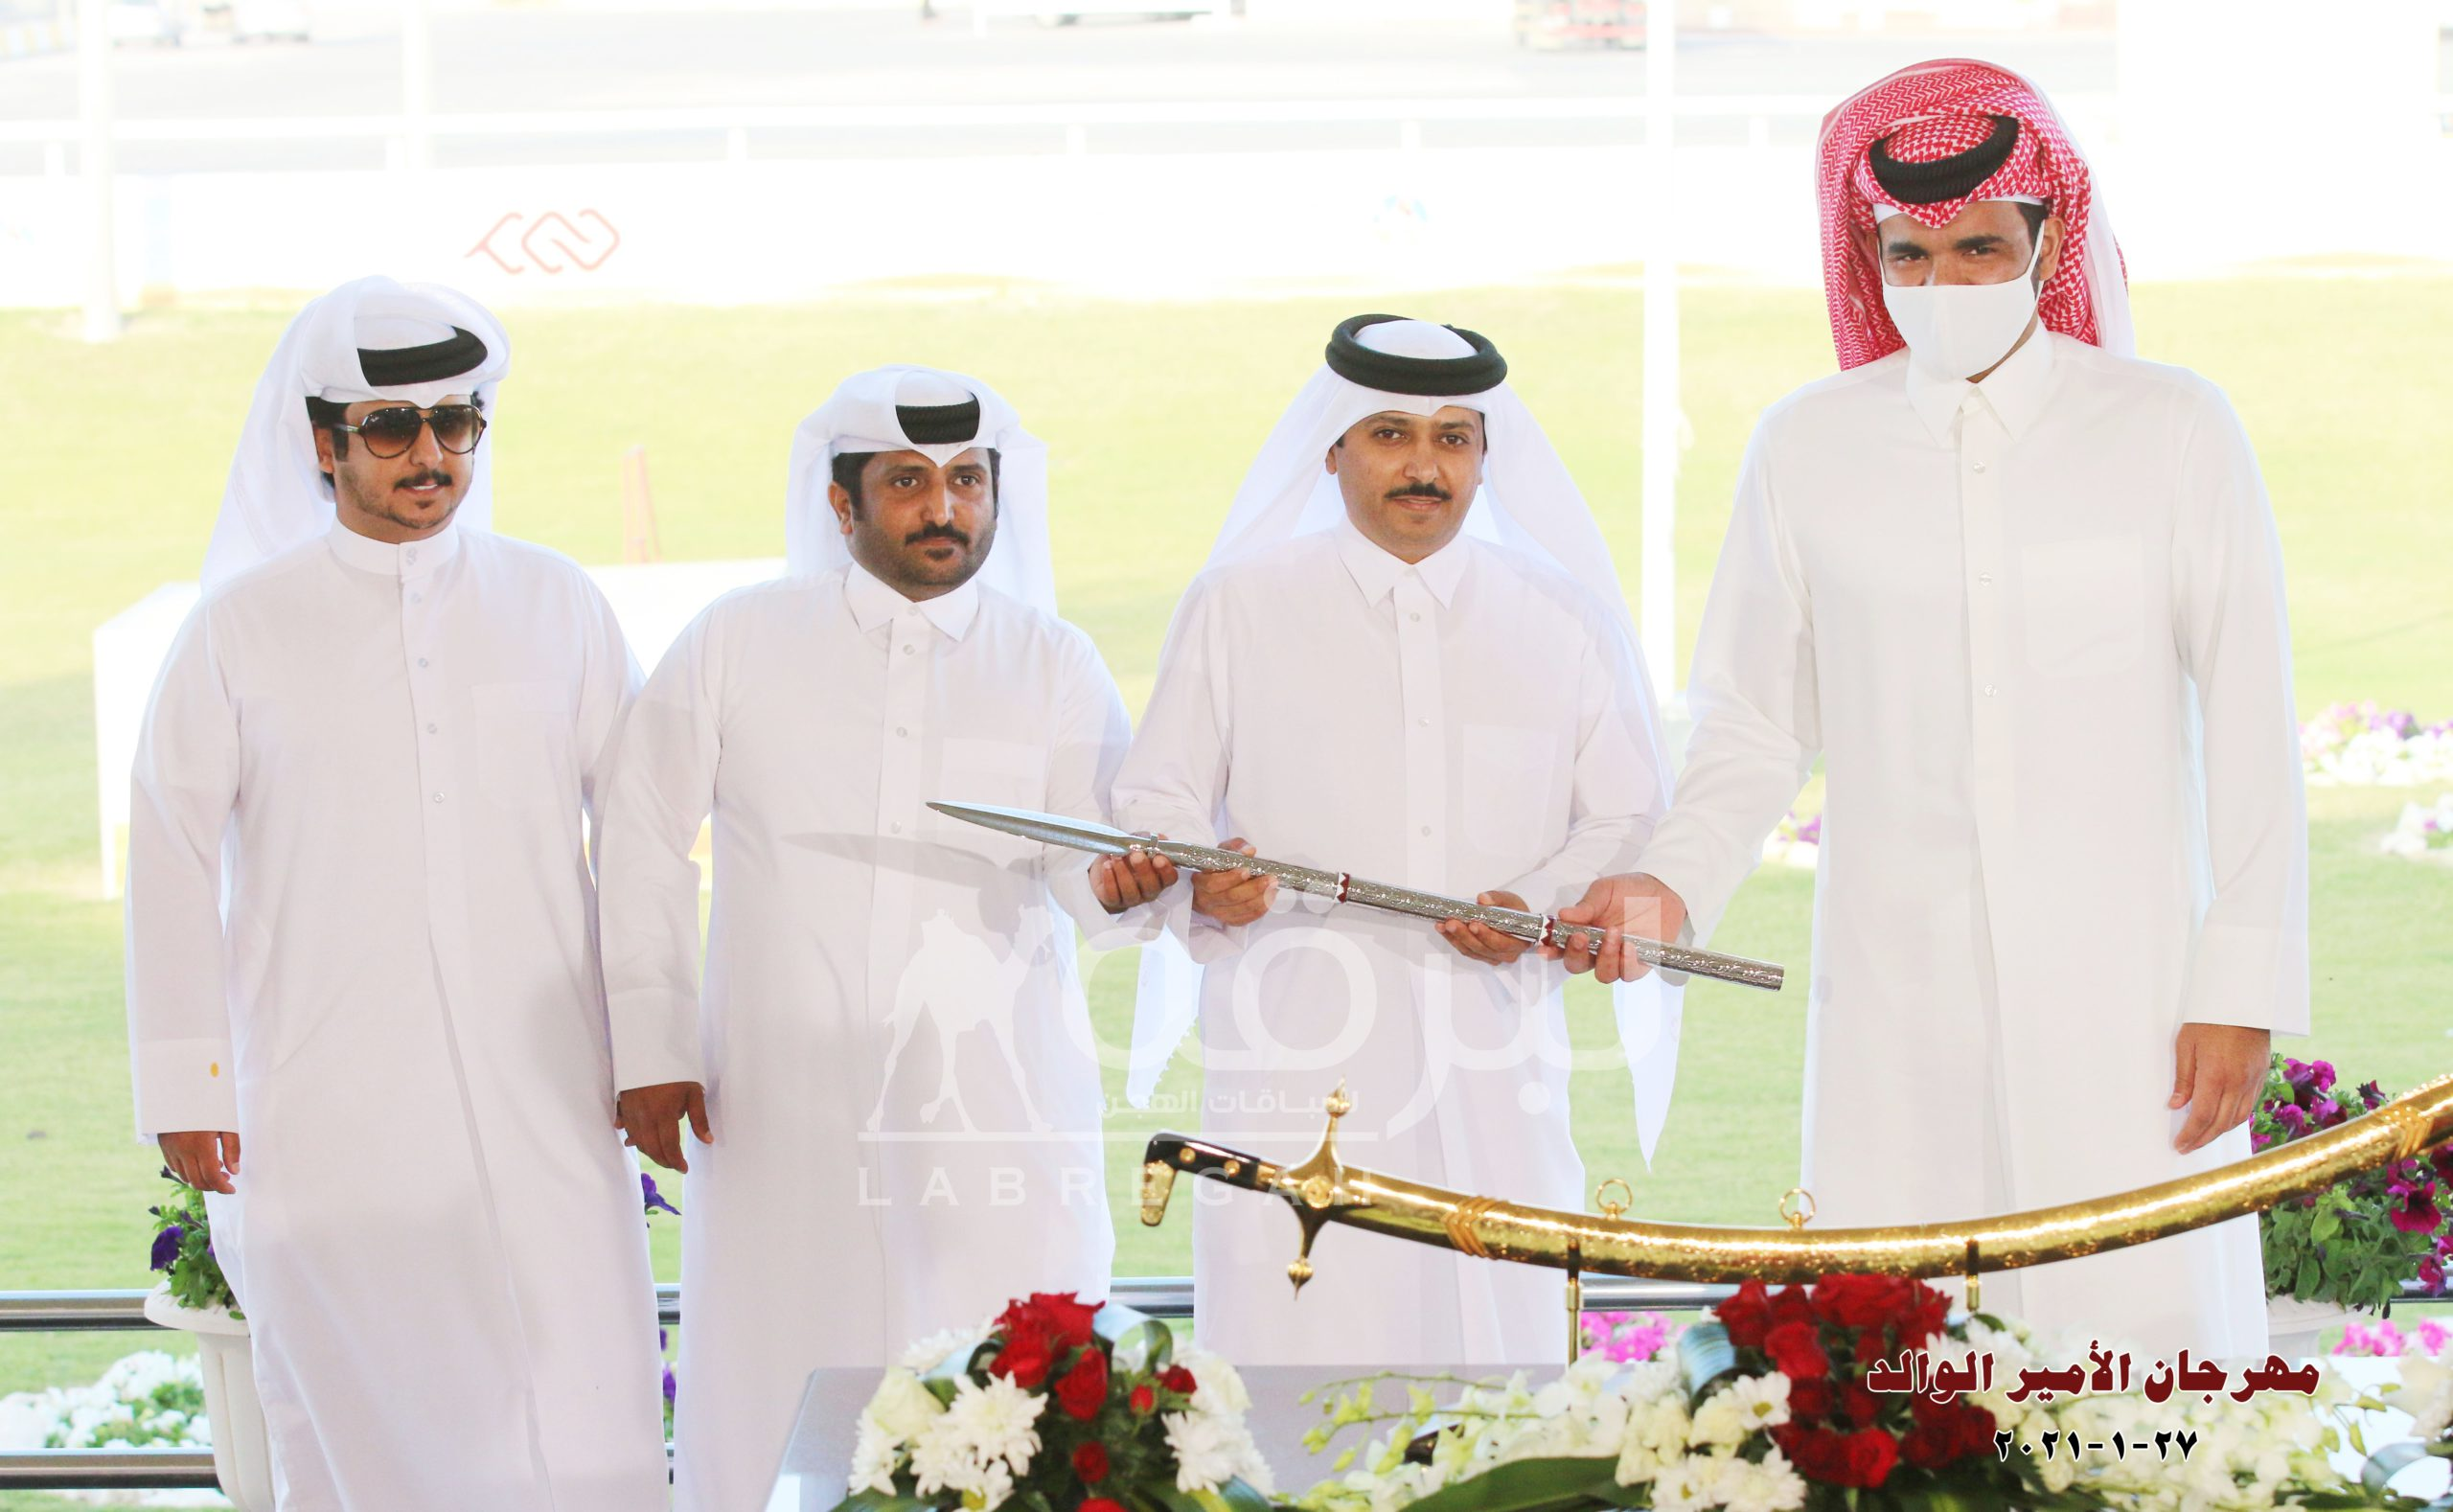 """سعد العتيبي: سعداء للغاية برمز """"عوايد"""" الذي تحقق في مهرجان غالي على قلوبنا"""